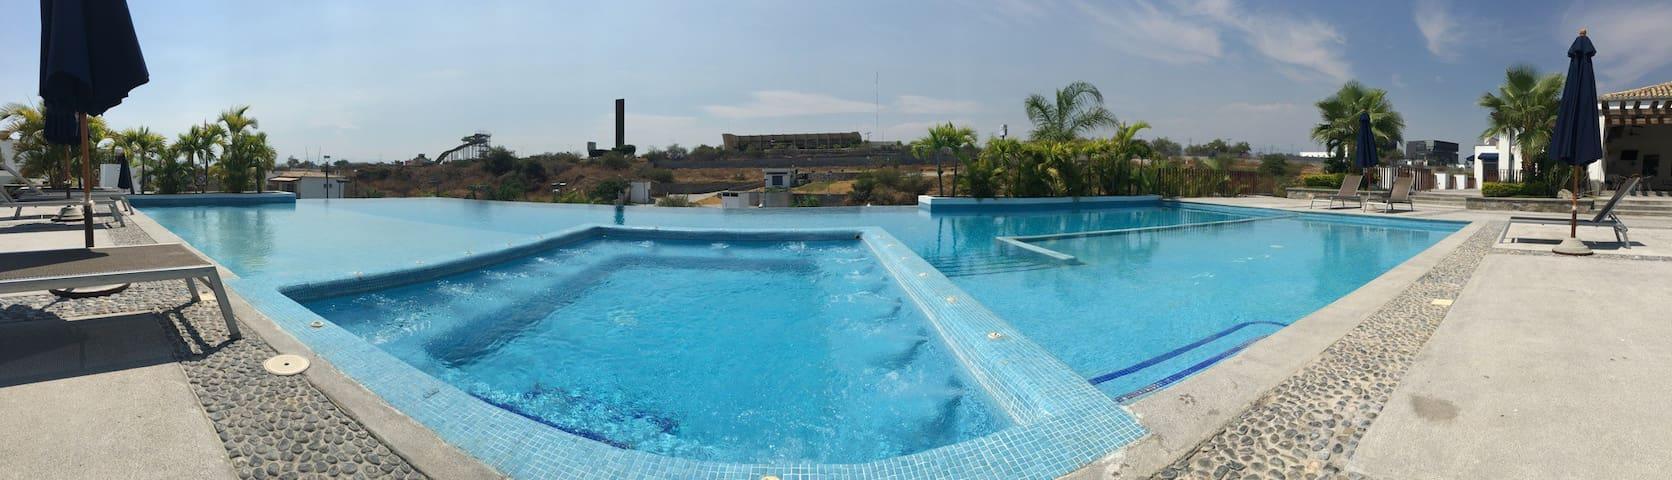 Casa fin de semana ALBERCA CANCHAS GYM SEGURIDAD - Cuernavaca - Huis